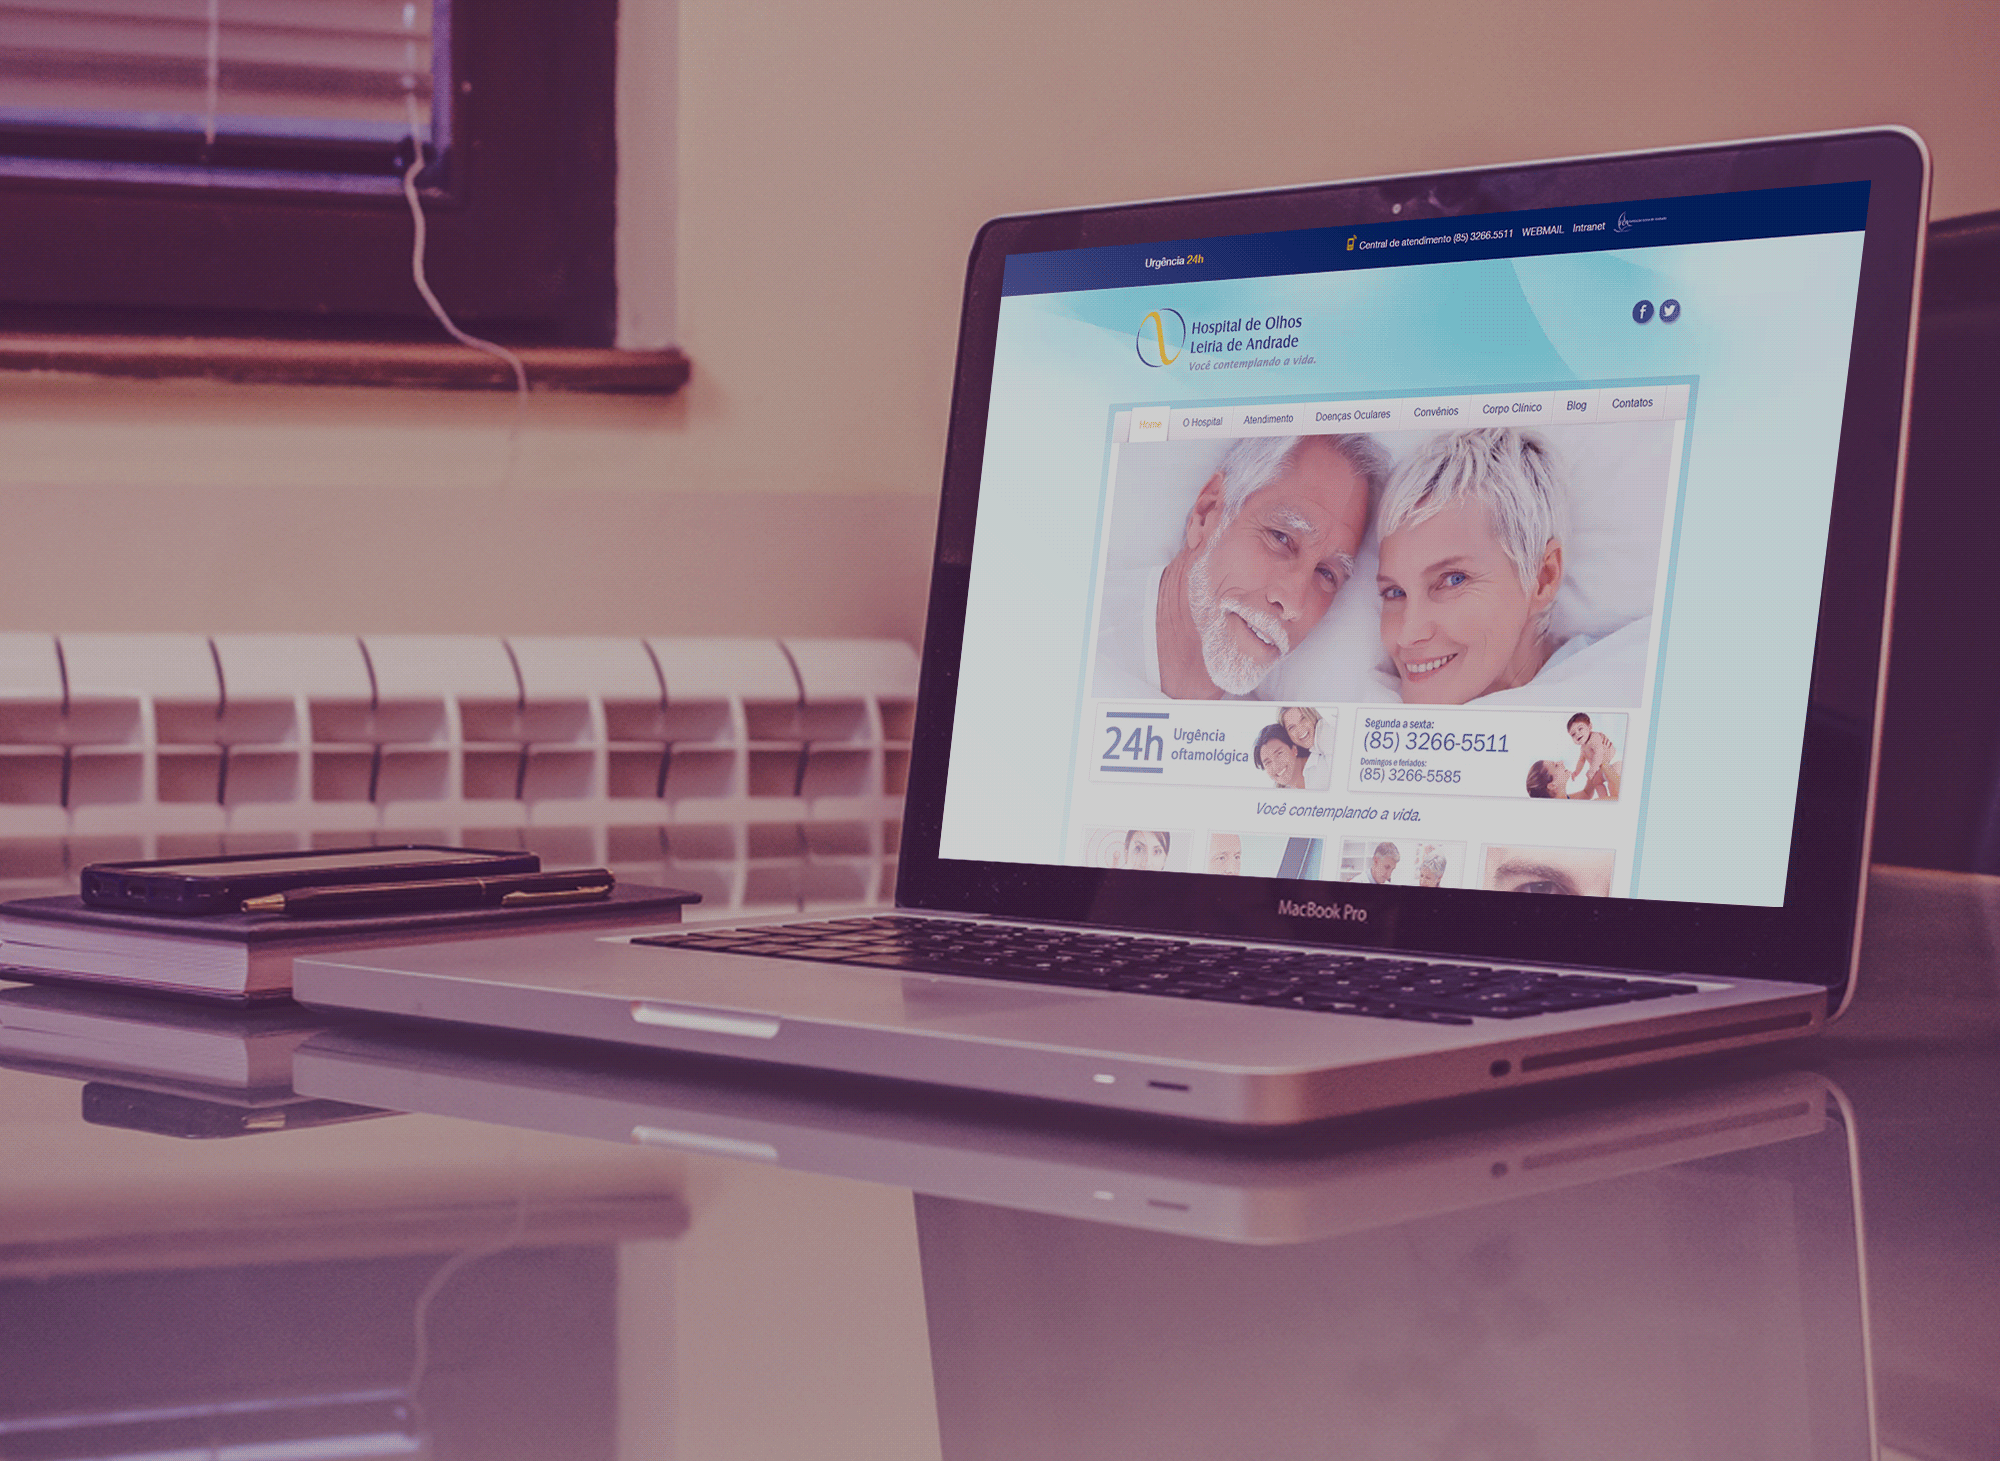 site-case-hospital-olhos-leiria-andrade-portfolio-criacao-sites-agencia-diretriz-digital-marketing